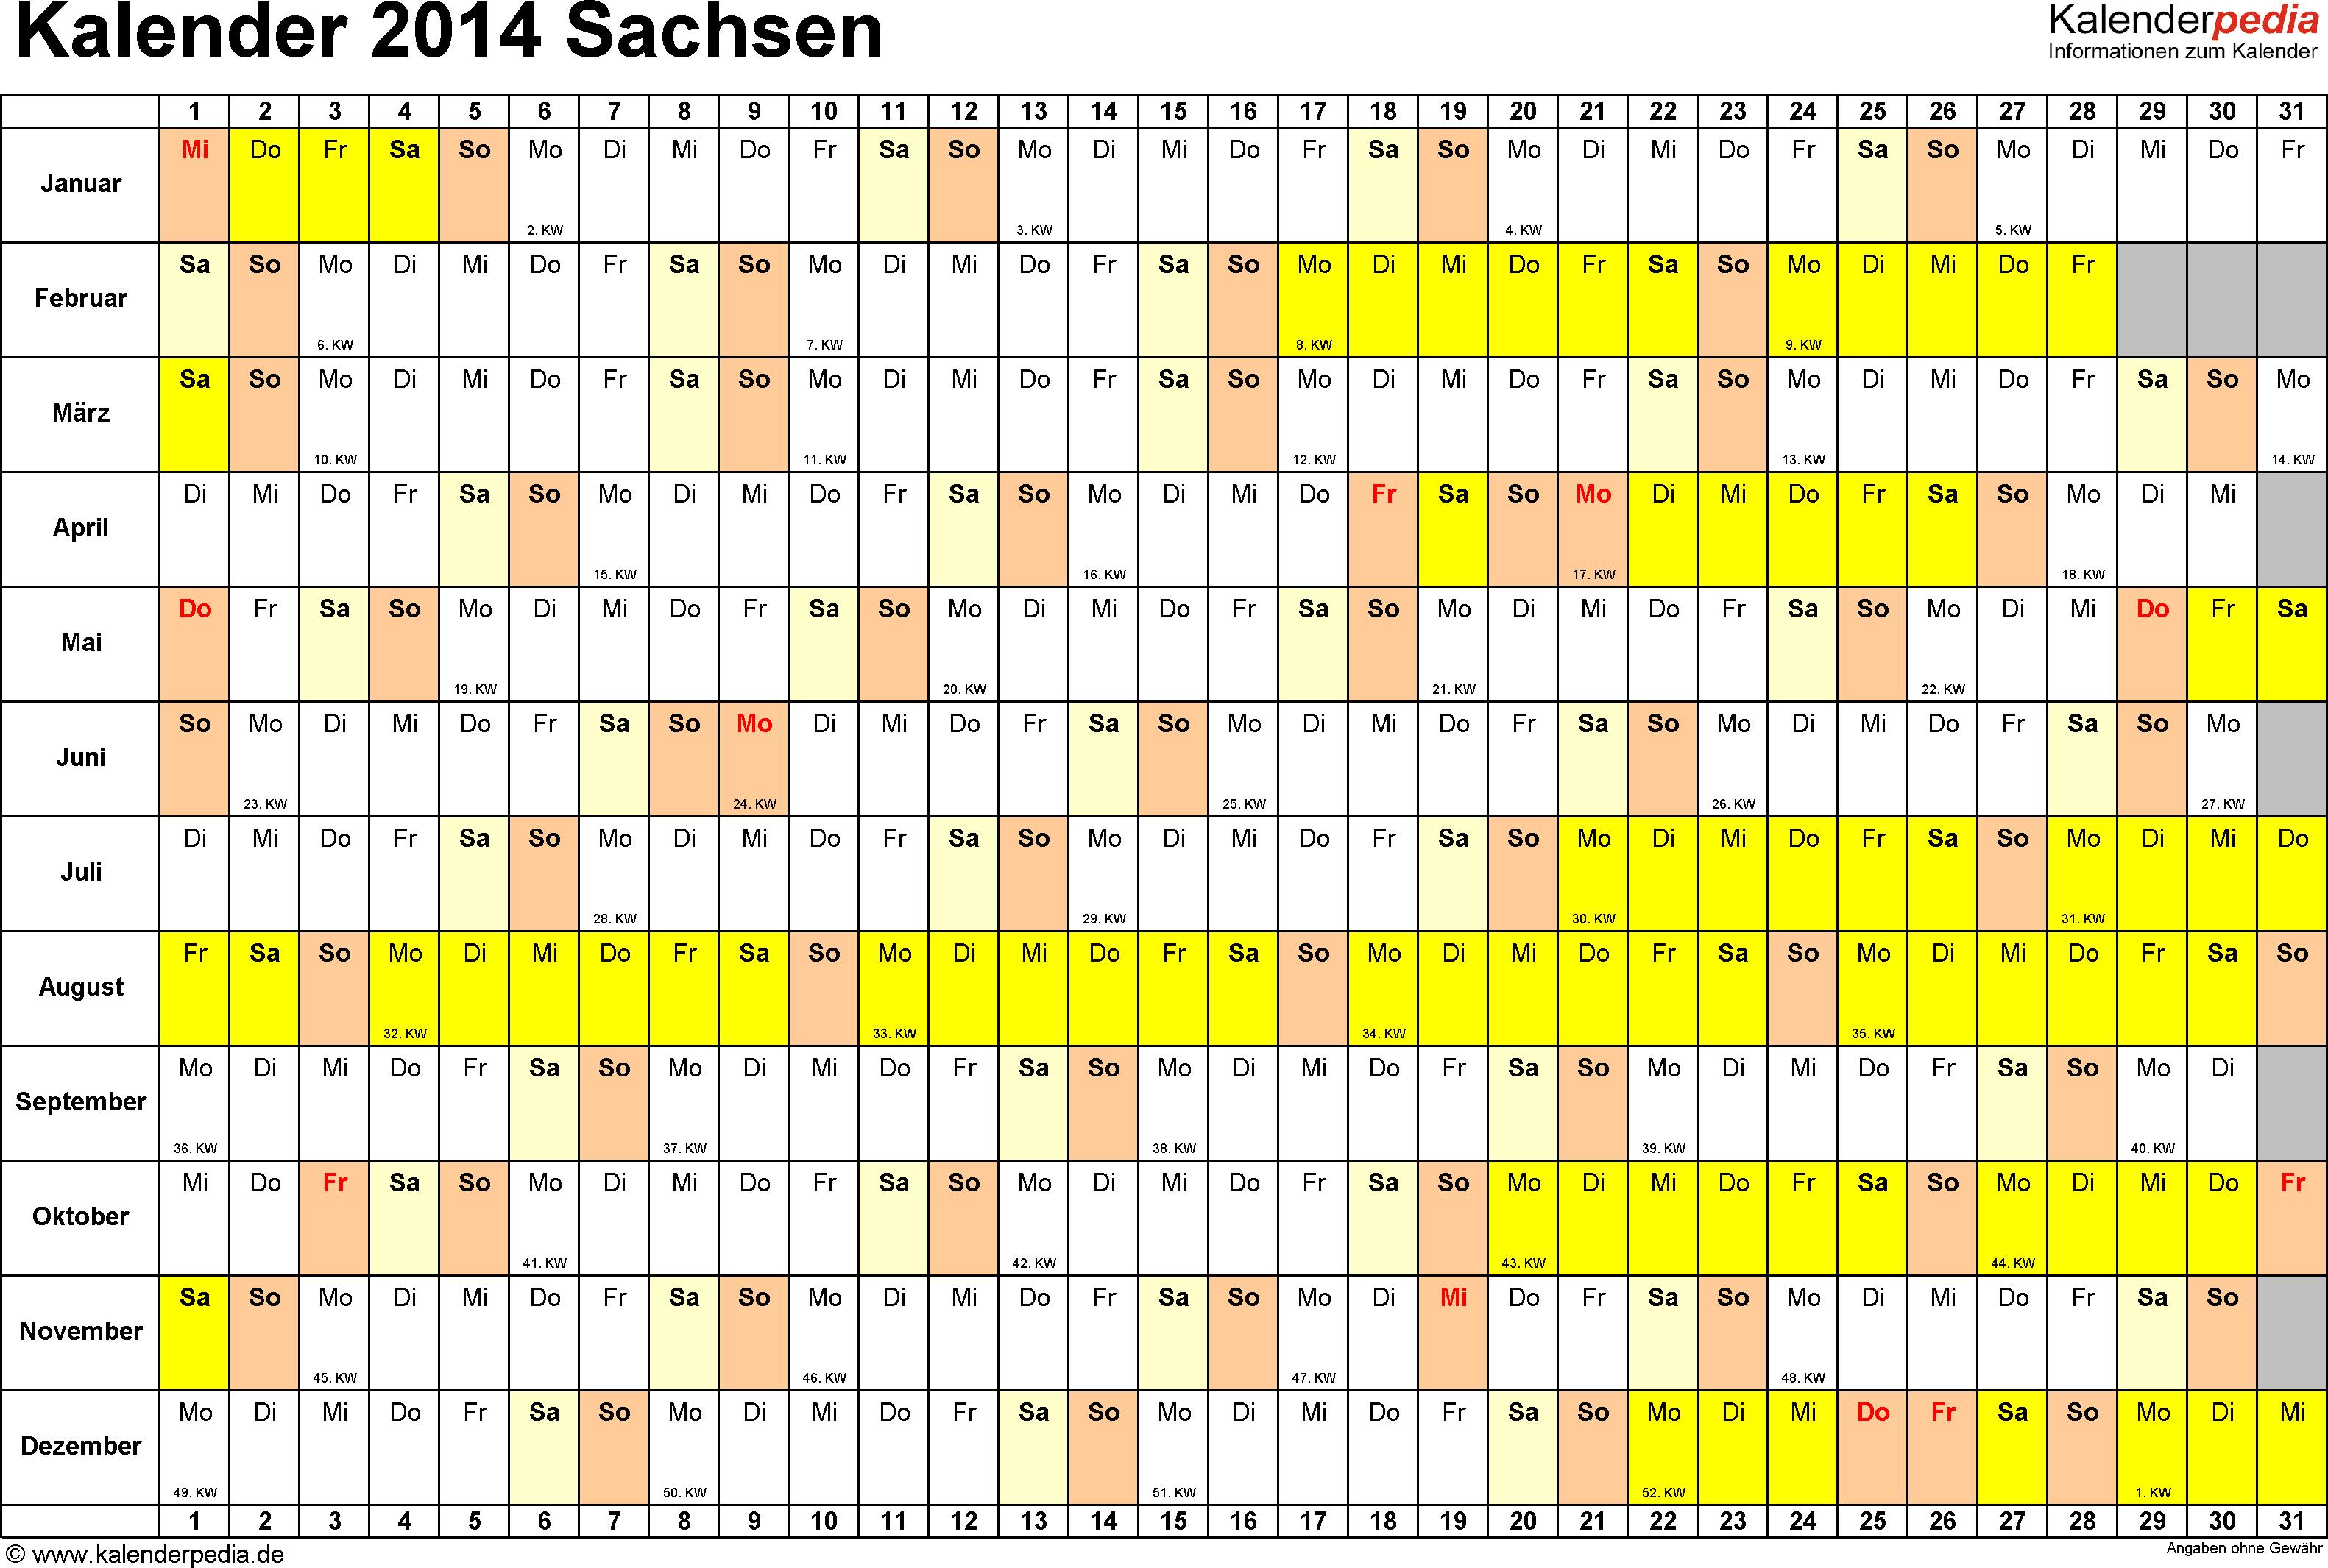 Vorlage 3: Kalender Sachsen 2014 im Querformat, Tage nebeneinander